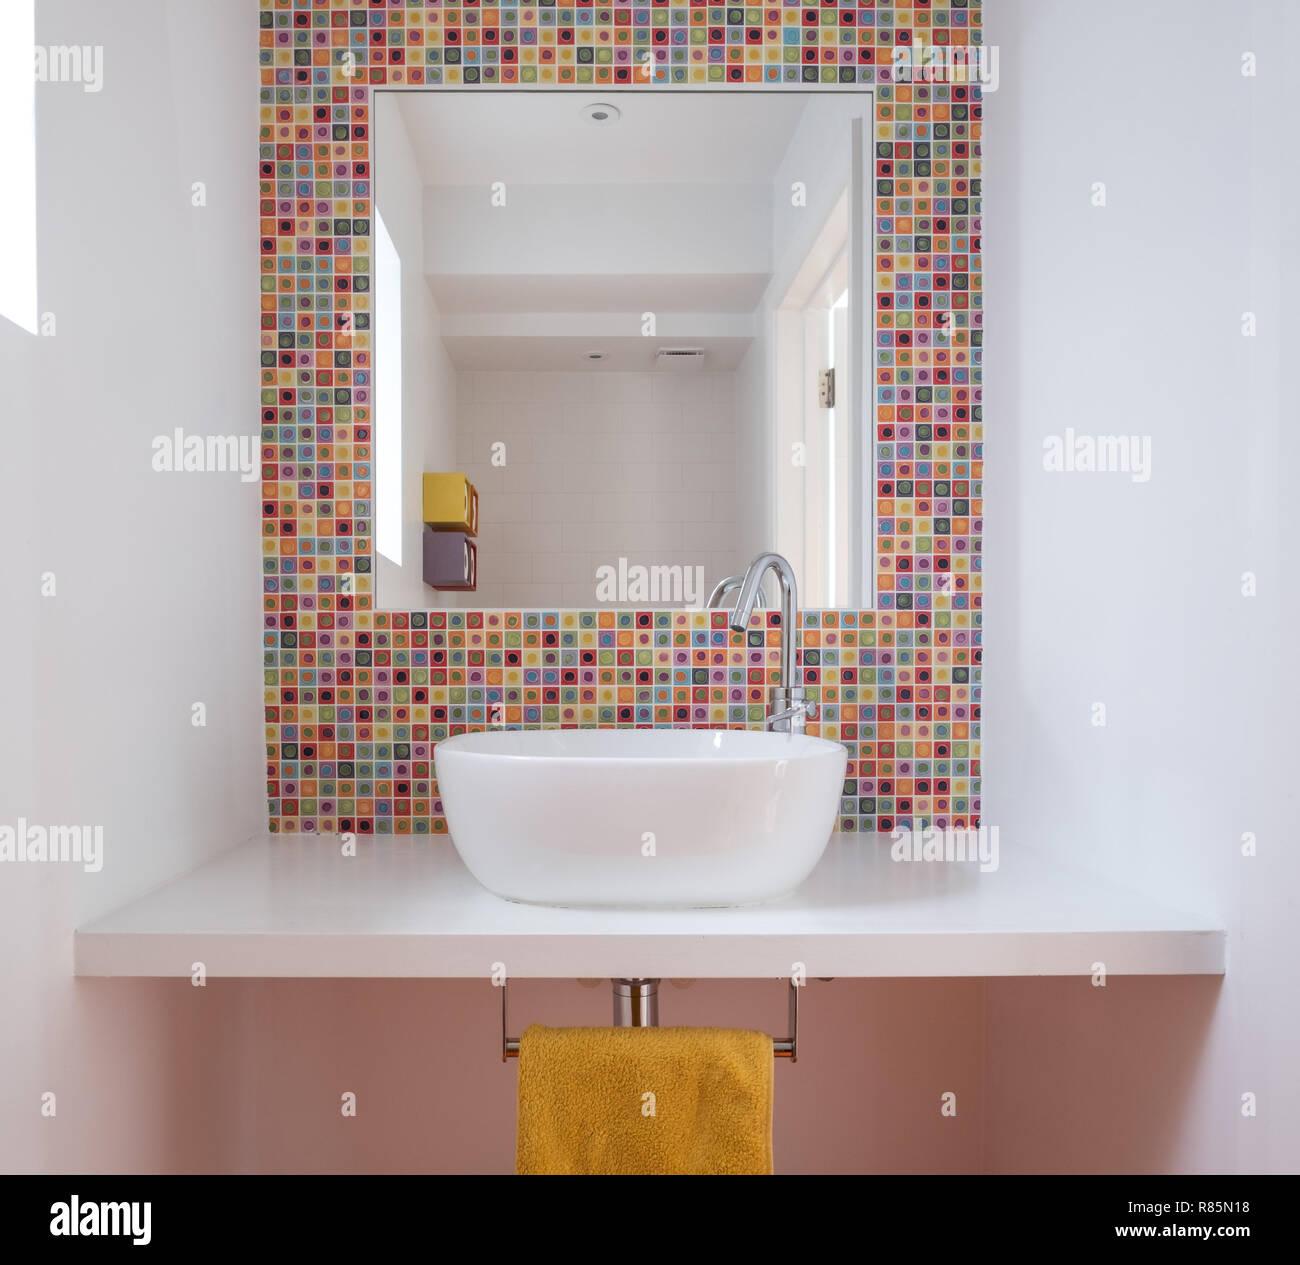 Fotos De Cuartos De Bano Pintados.Un Cuarto De Bano Con Lavabo Coloridos Azulejos De Mosaico